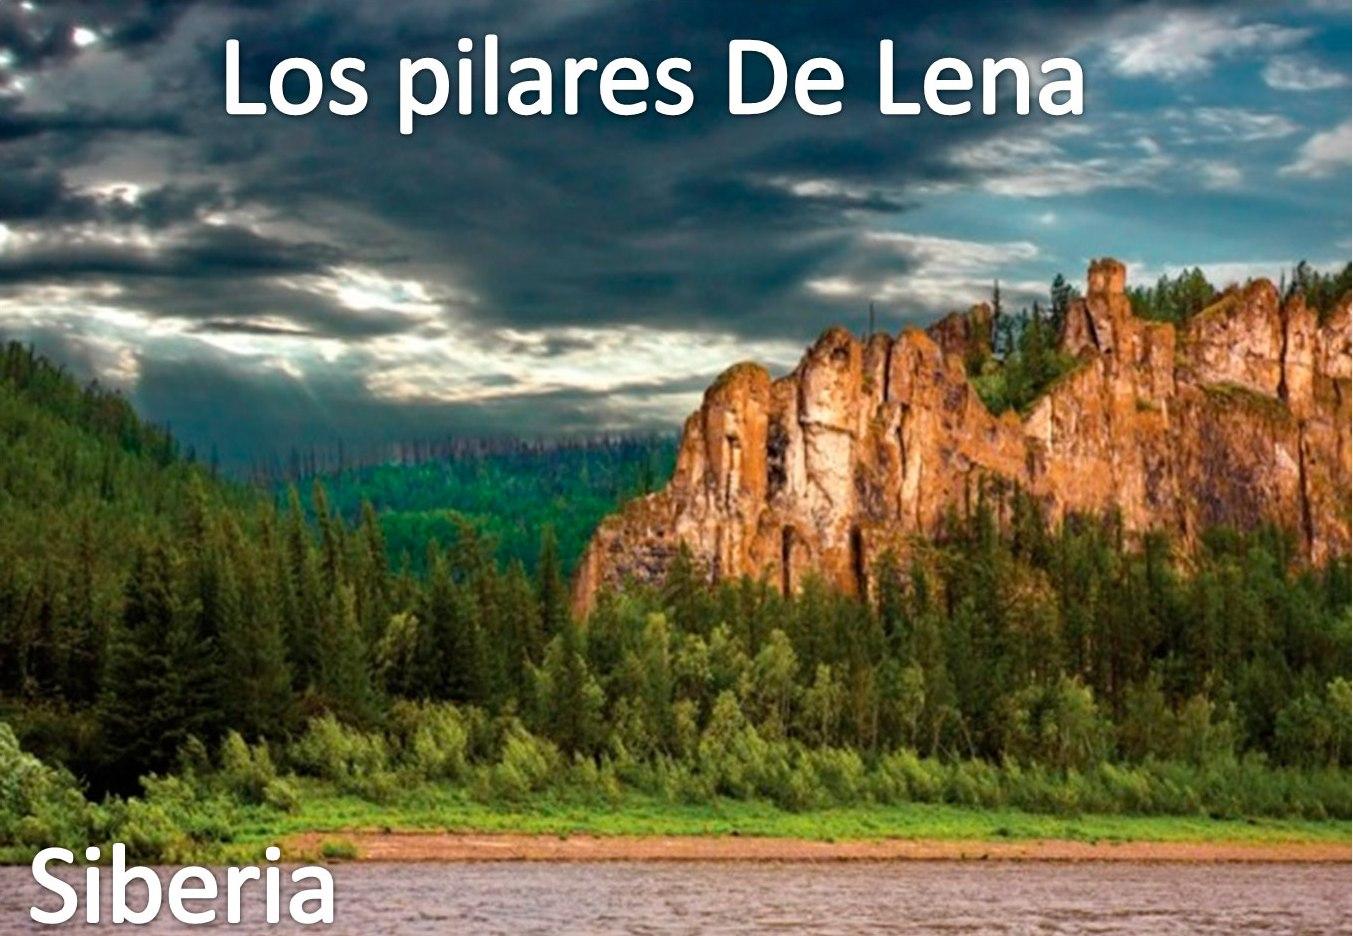 Los Pilares de Lena